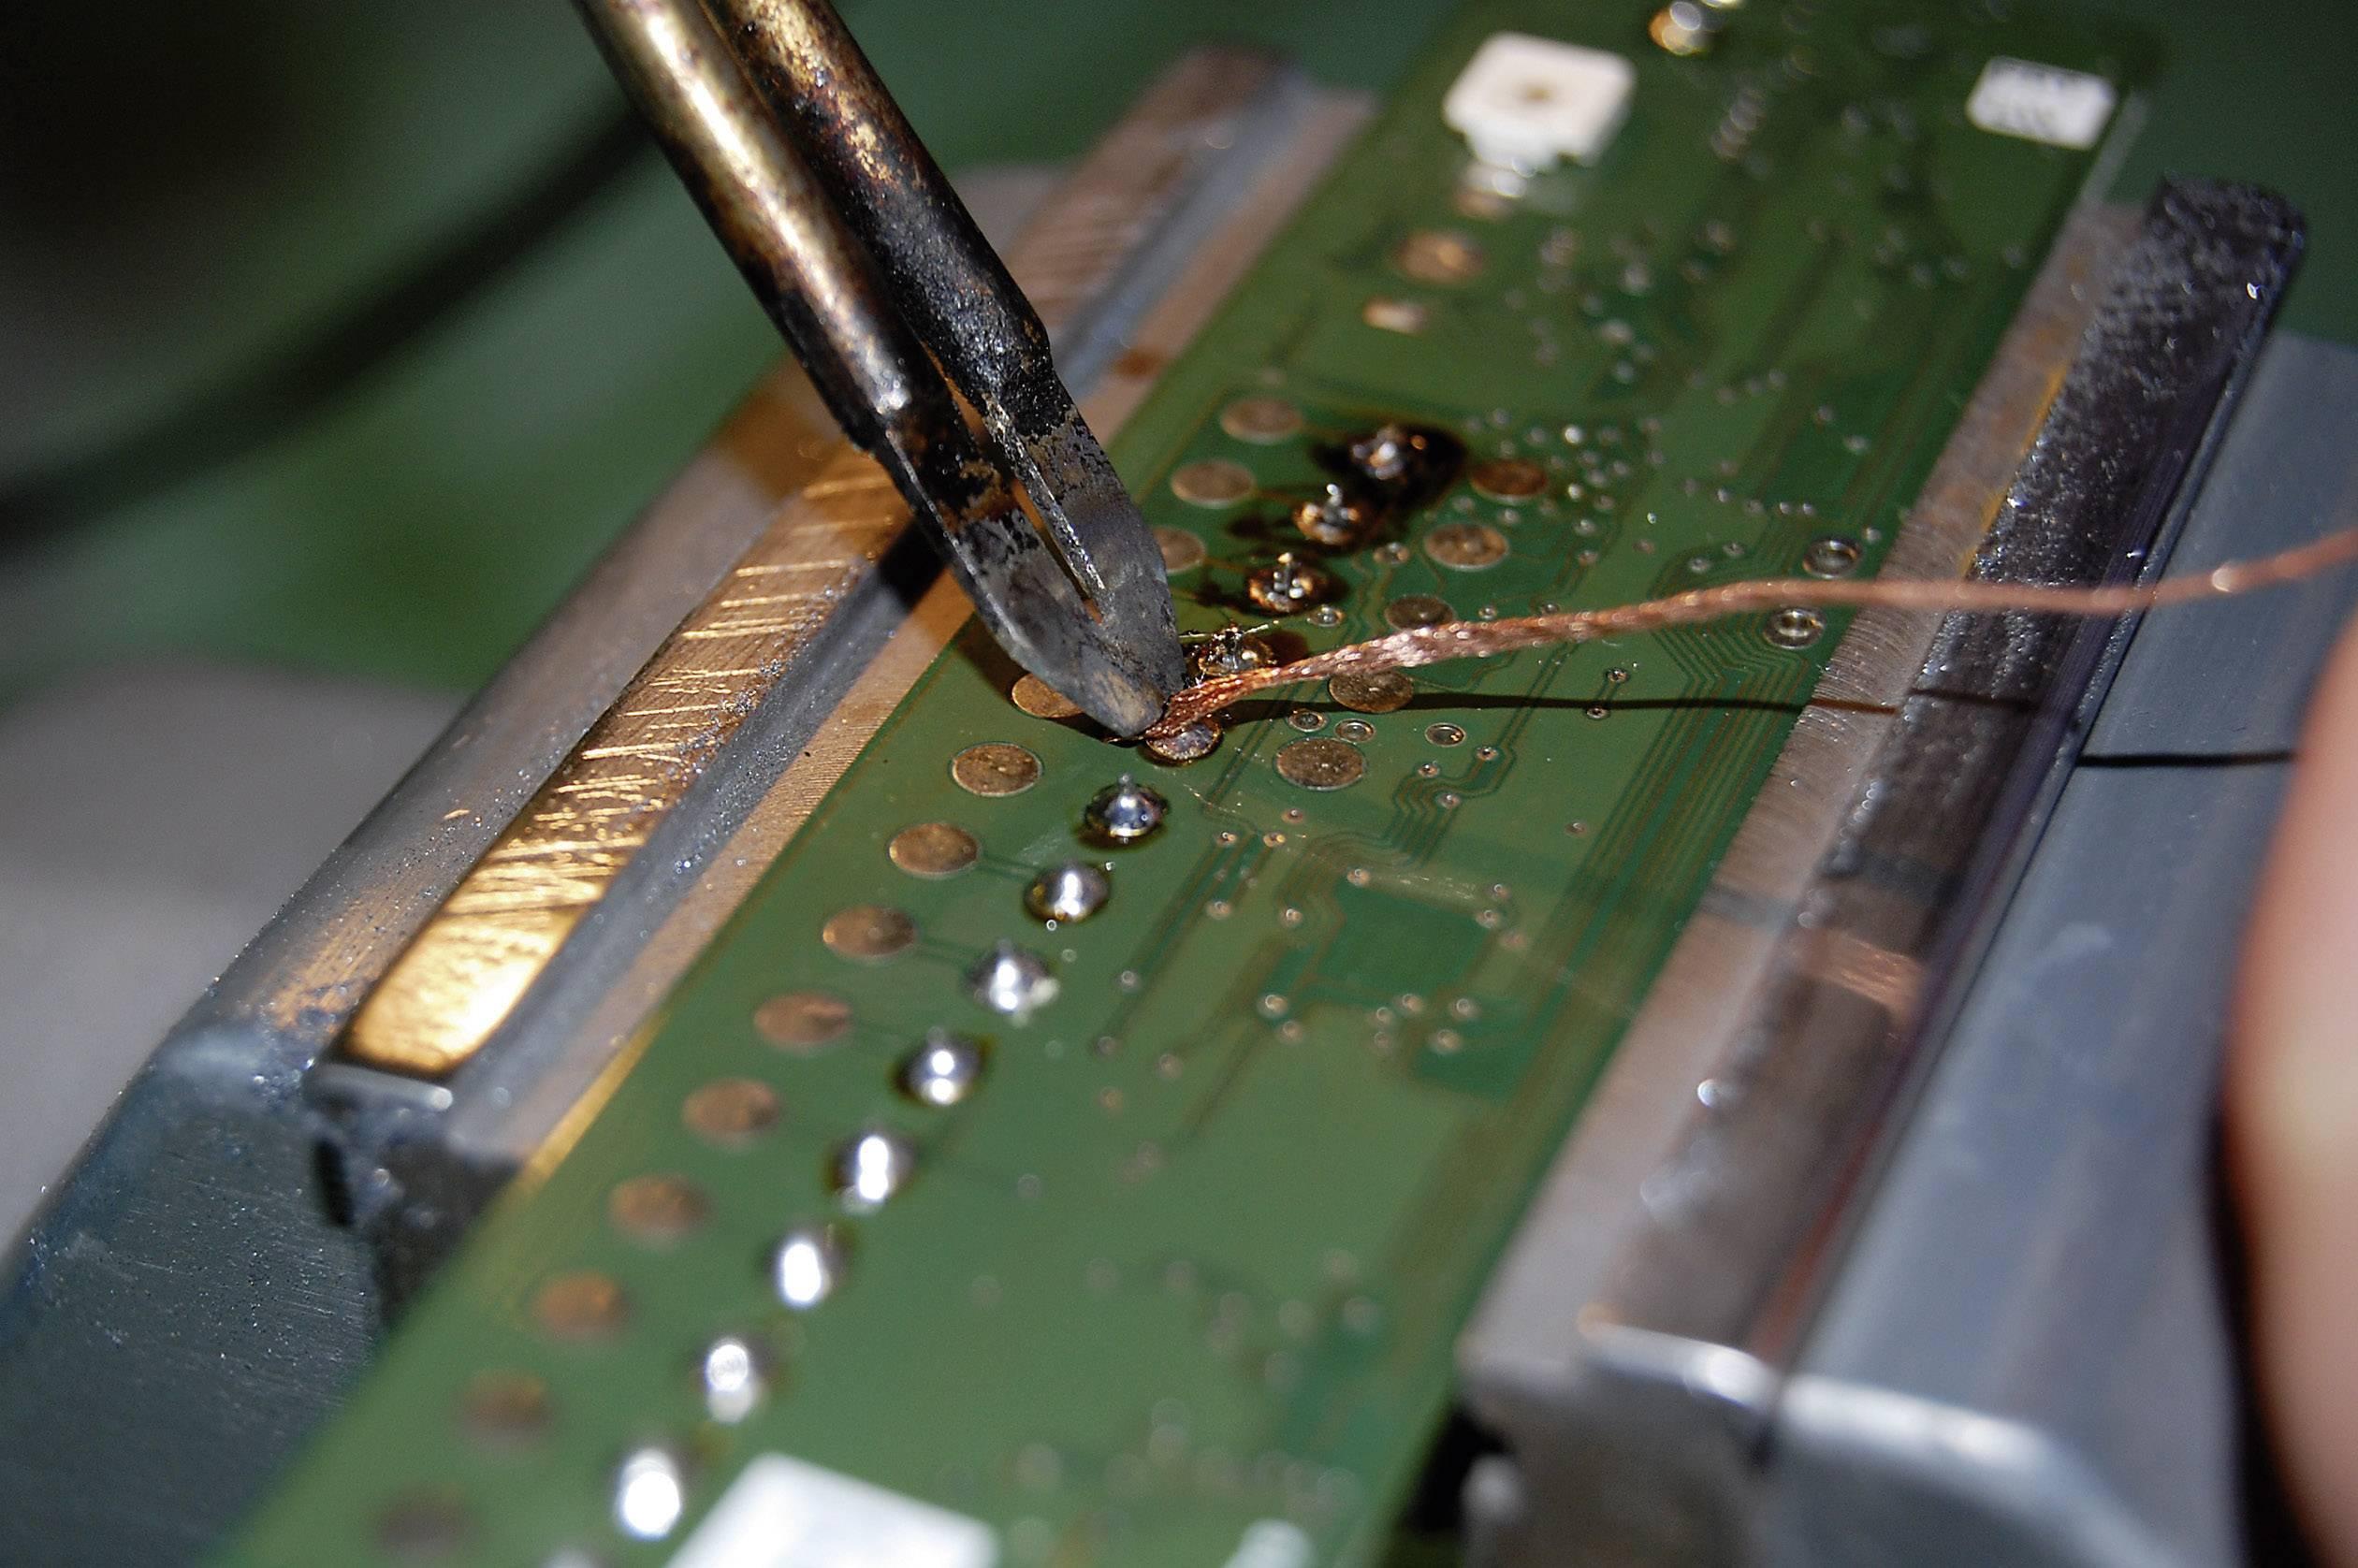 Odspájkovacie savé lanko CRC Kontakt Chémia, dĺžka 10 m, šírka 1.5 mm